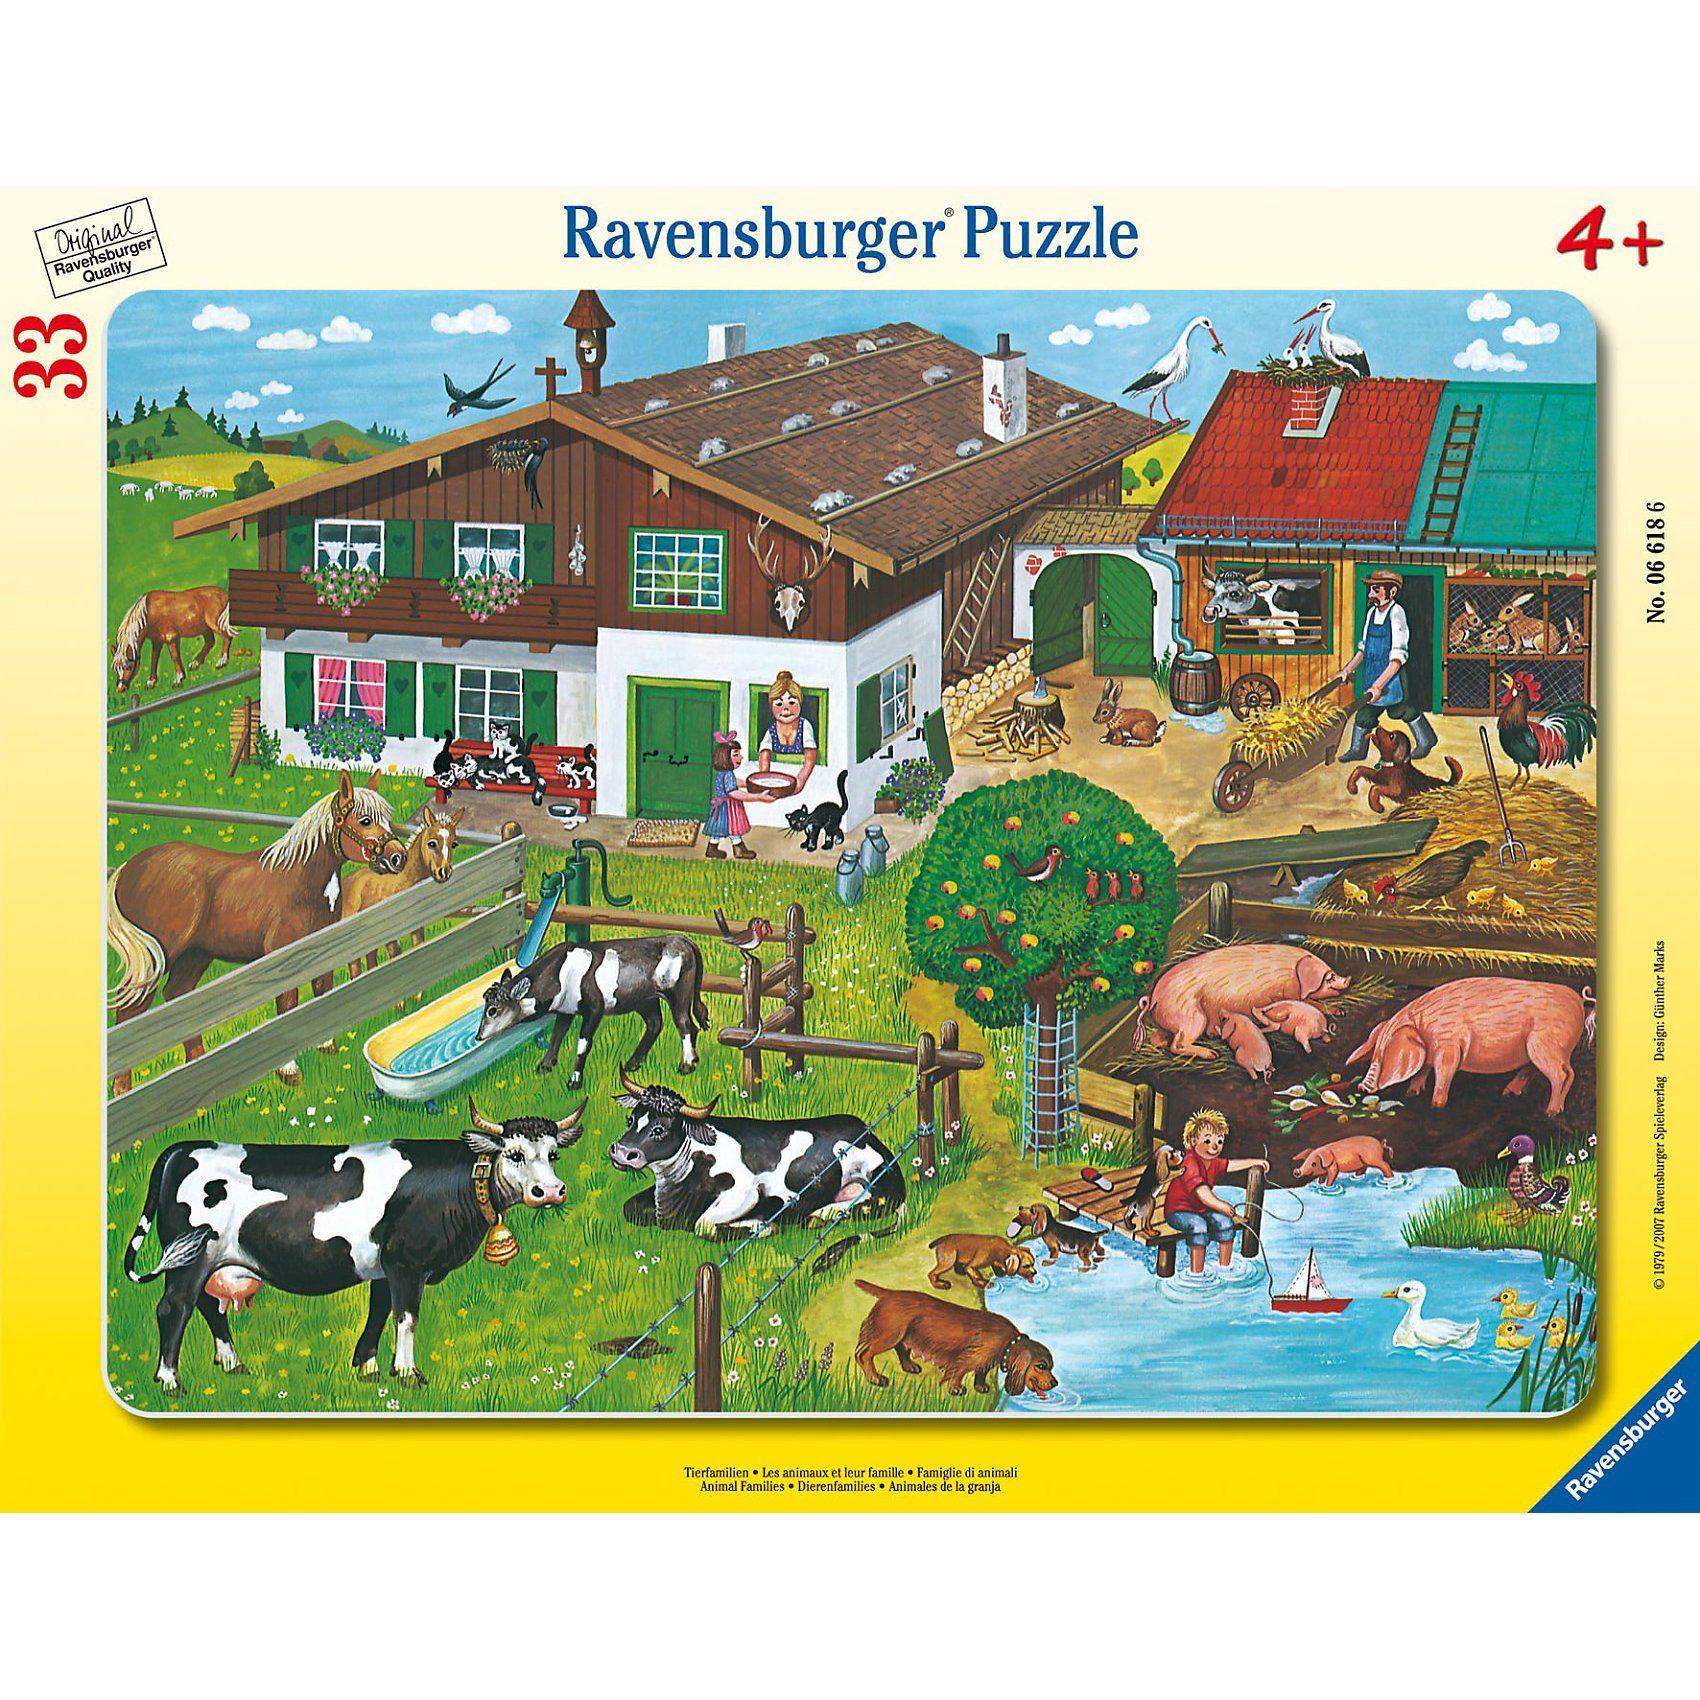 Ravensburger Puzzle Rahmen- 33 Teile- Tierfamilien